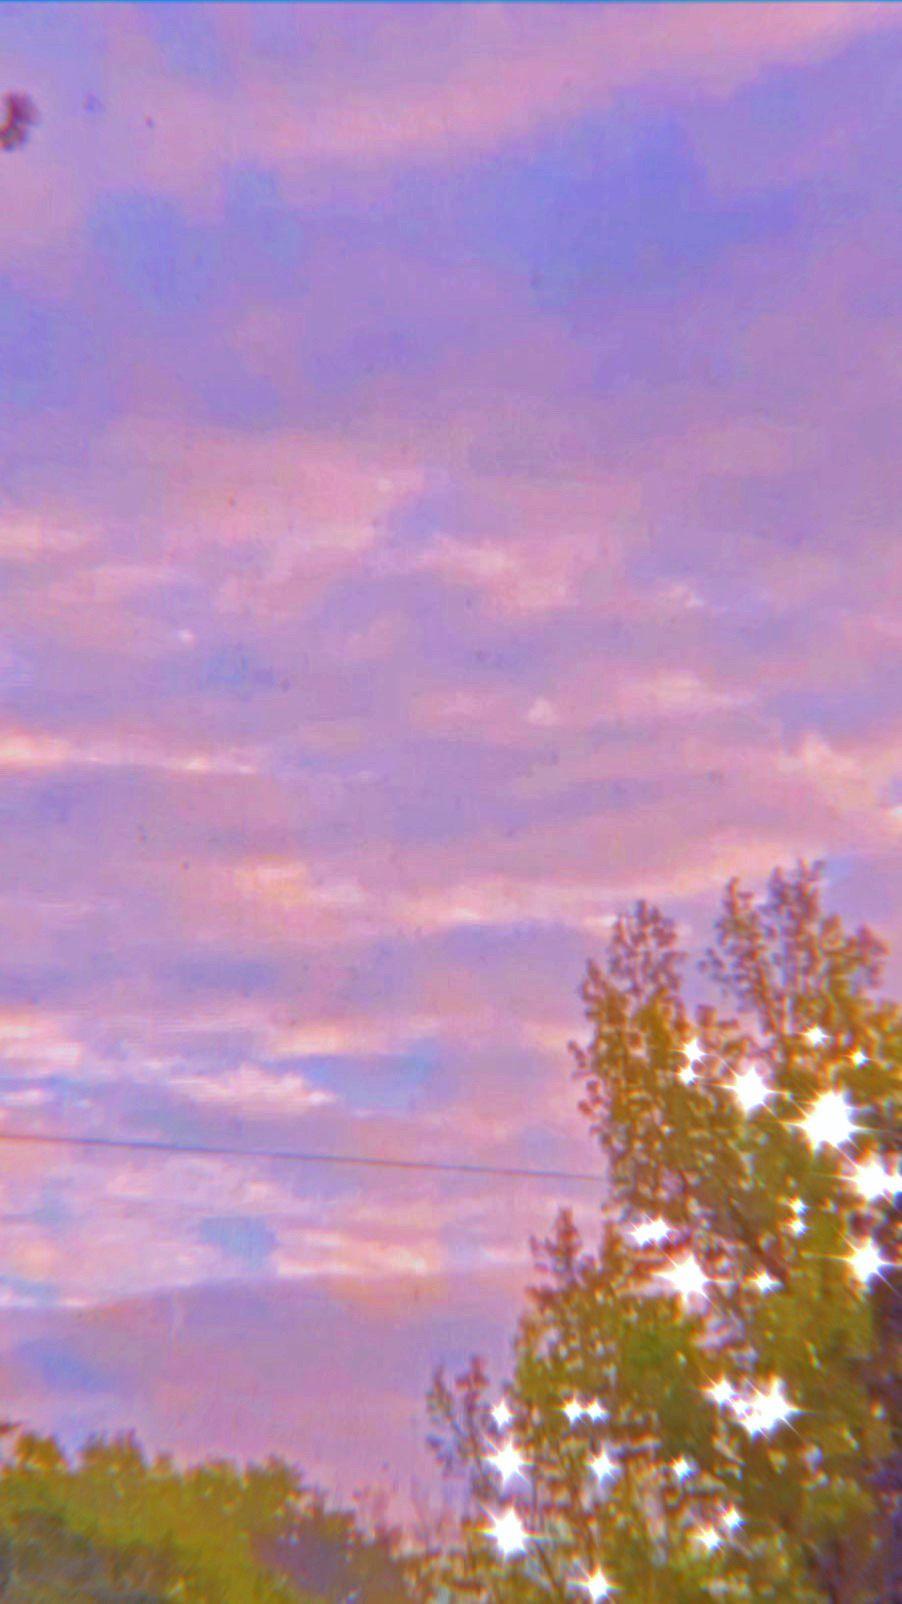 Outside Aesthetic Sparkle Wallpaper Pastel Pink Aesthetic Aesthetic Iphone Wallpaper